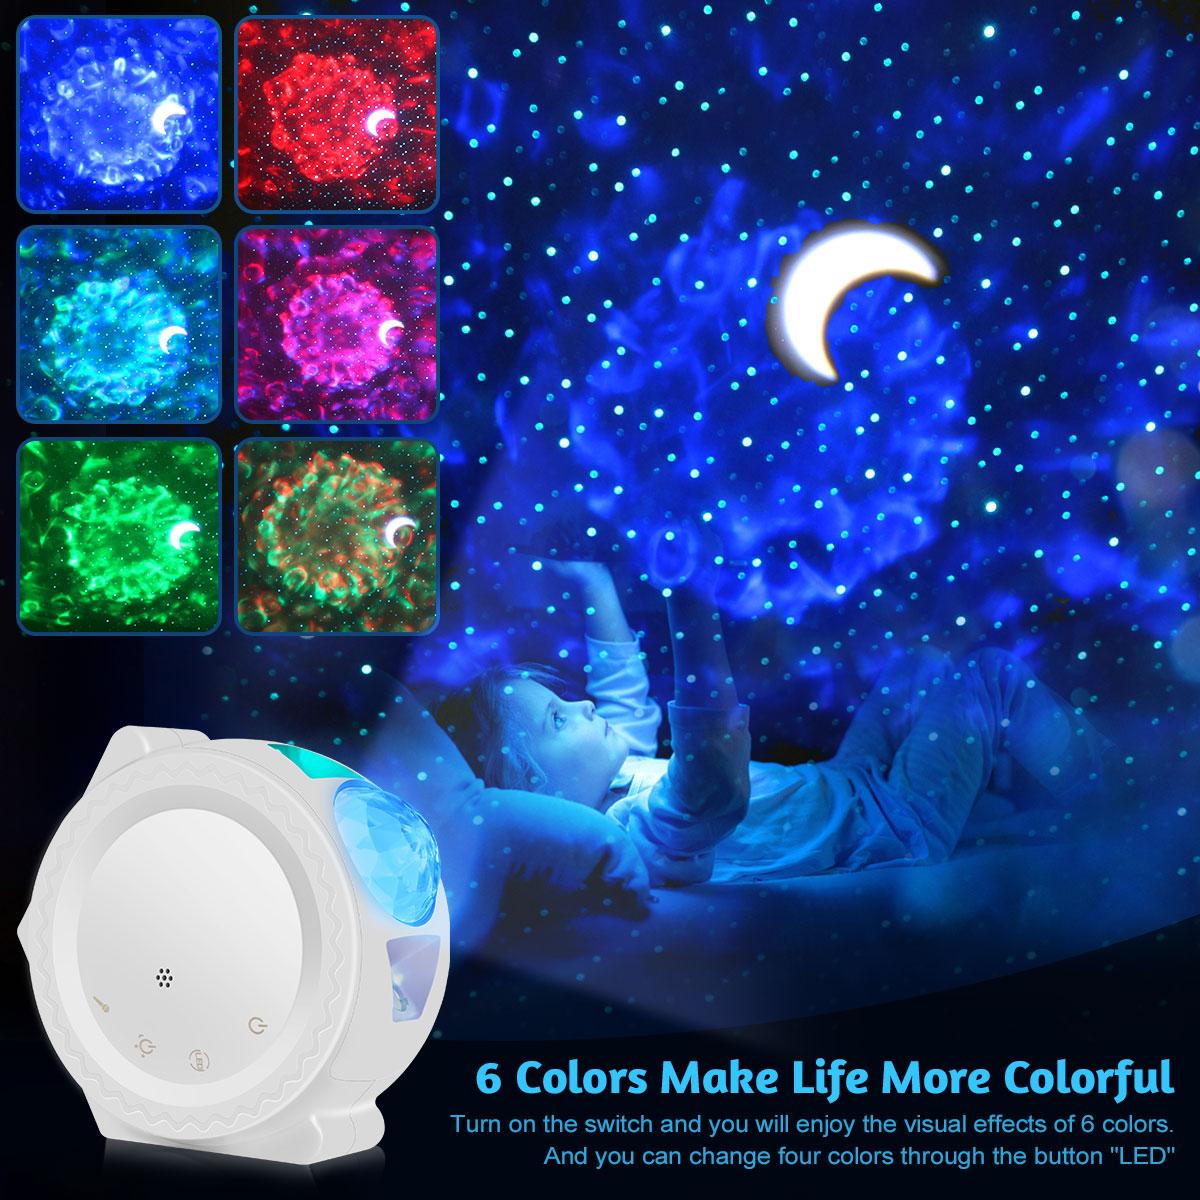 6 cores oceano acenando luz ceu estrelado projetor led nebulosa nuvem noite luz de rotacao 360